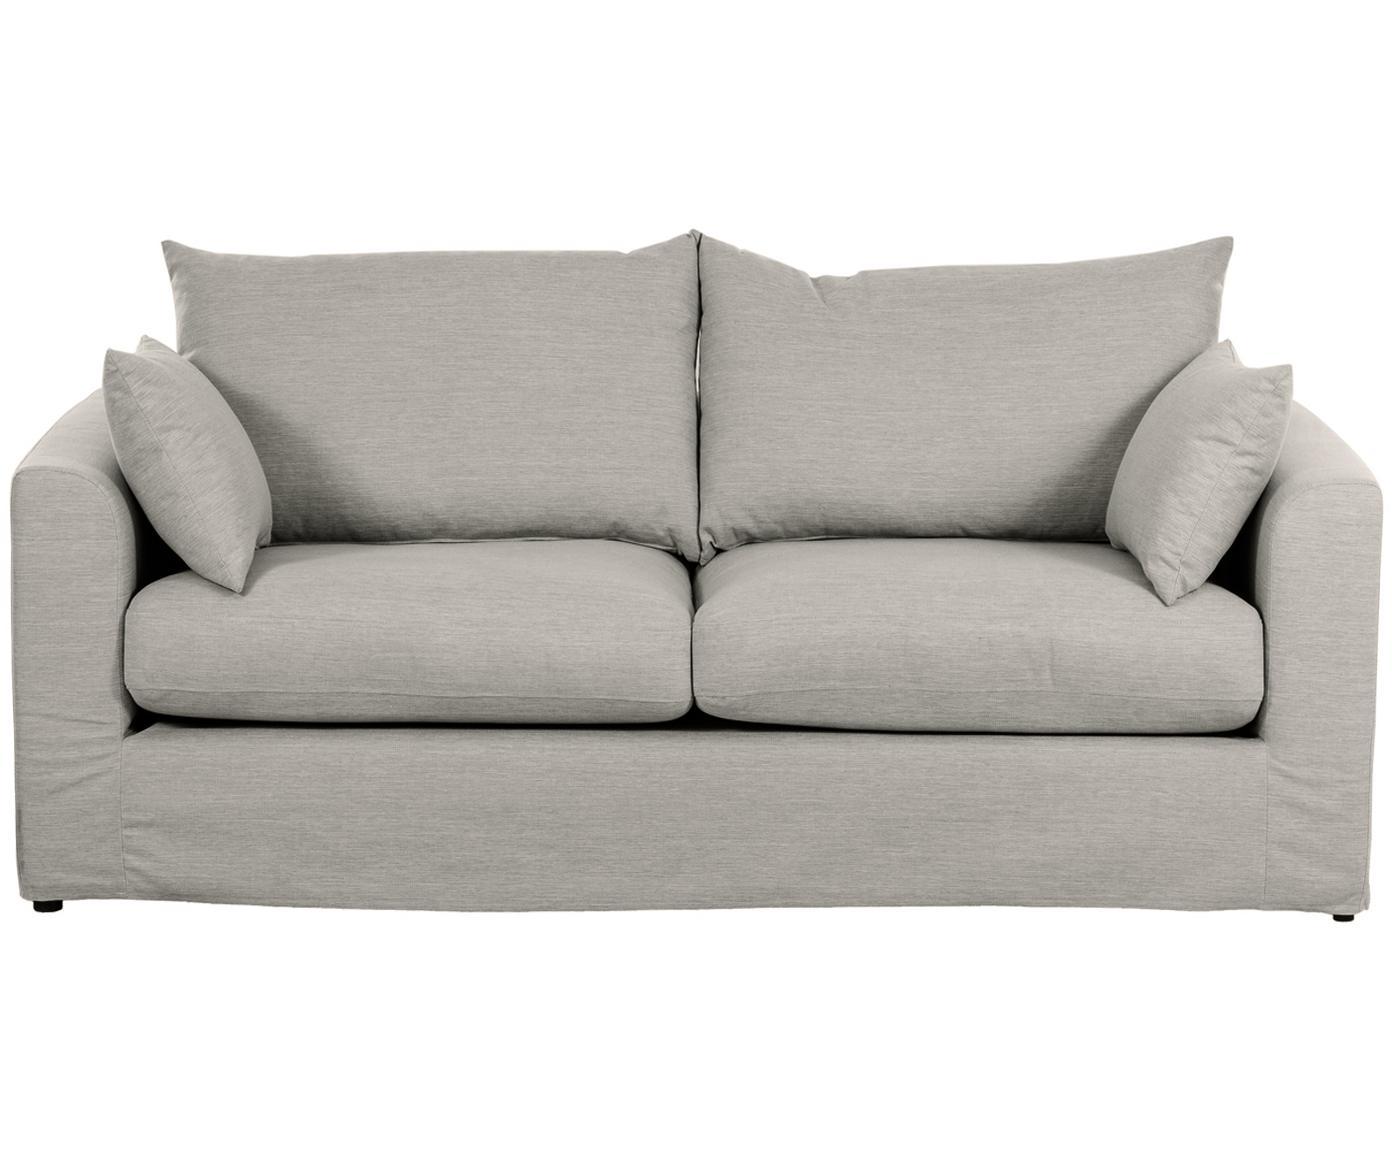 Sofa Zach (2-Sitzer), Bezug: Polypropylen Der hochwert, Füße: Kunststoff, Webstoff Zach, B 191 x T 90 cm